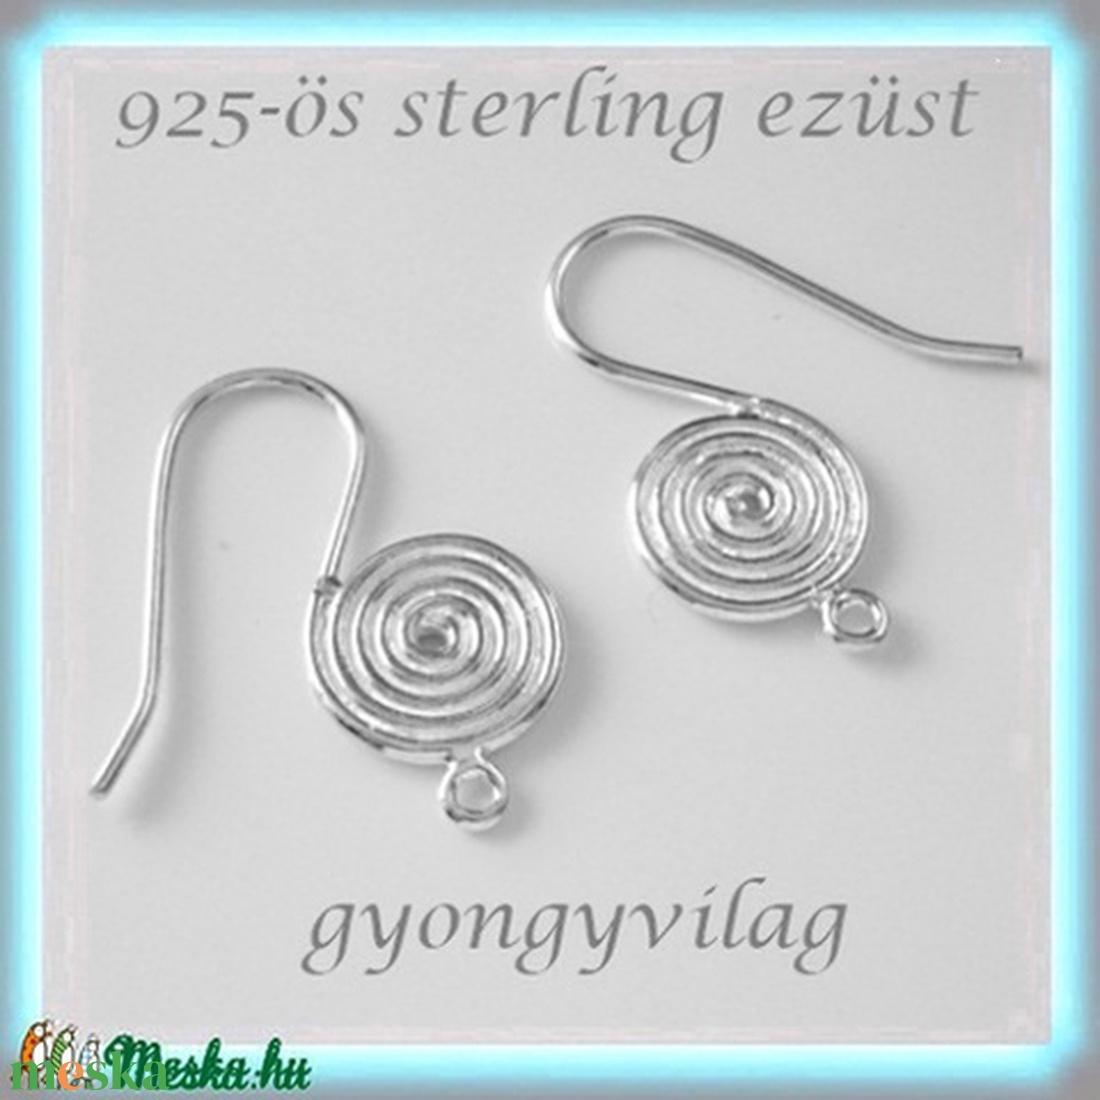 925-ös finomságú sterling ezüst fülbevaló kapocs EFK A 35 - gyöngy, ékszerkellék - egyéb alkatrész - Meska.hu